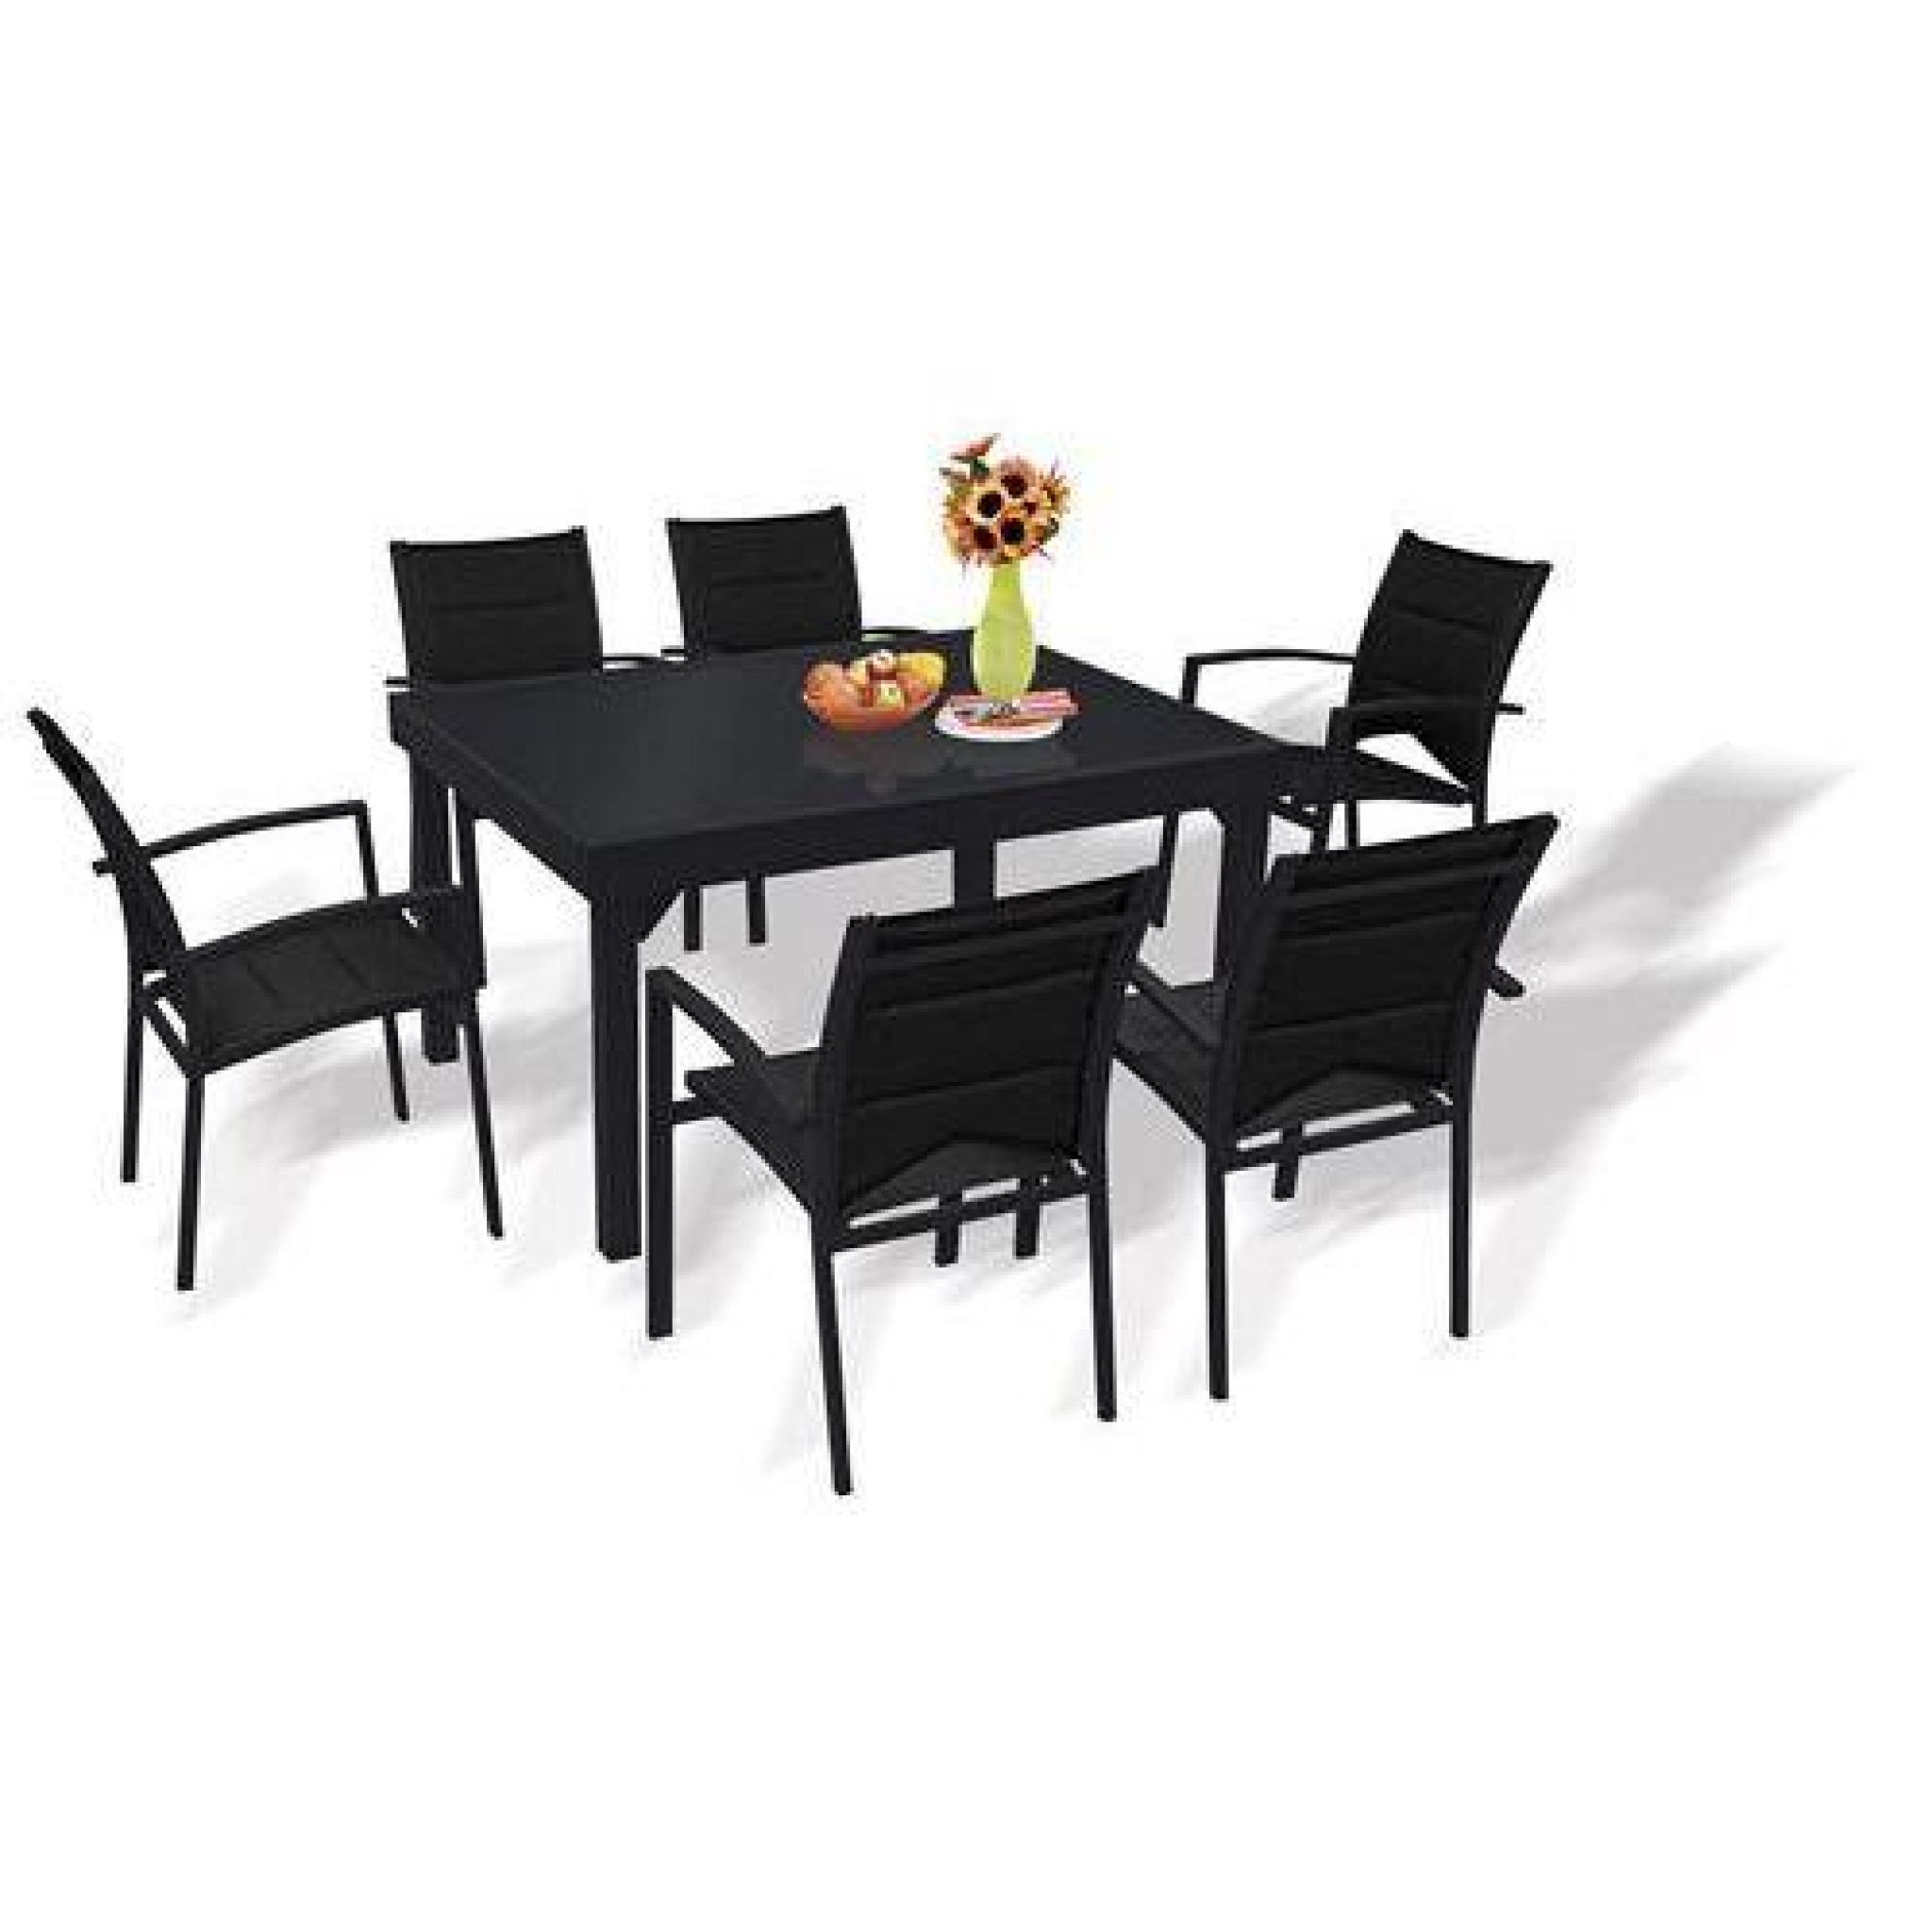 table et chaises de jardin ensemble modulo blatt achat vente salon de jardin en aluminium pas cher coindujardin com